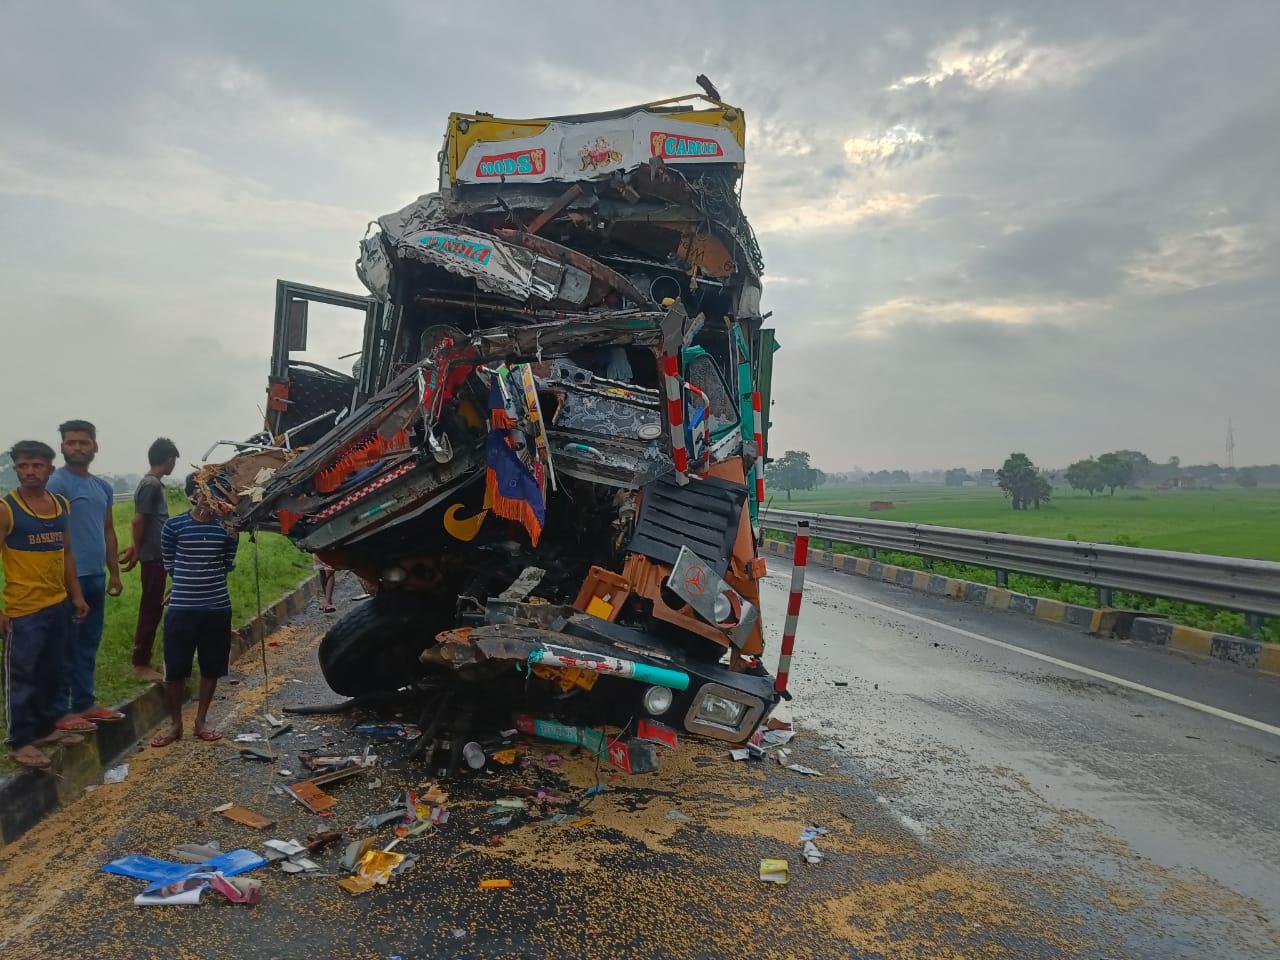 फोरलेन पर ट्रक खड़ी करके खलासी टायर का पंचर बना रहा था, पीछे से आ रही ट्रक ने मार दी टक्कर, जांच में जुटी पुलिस|गोरखपुर,Gorakhpur - Dainik Bhaskar